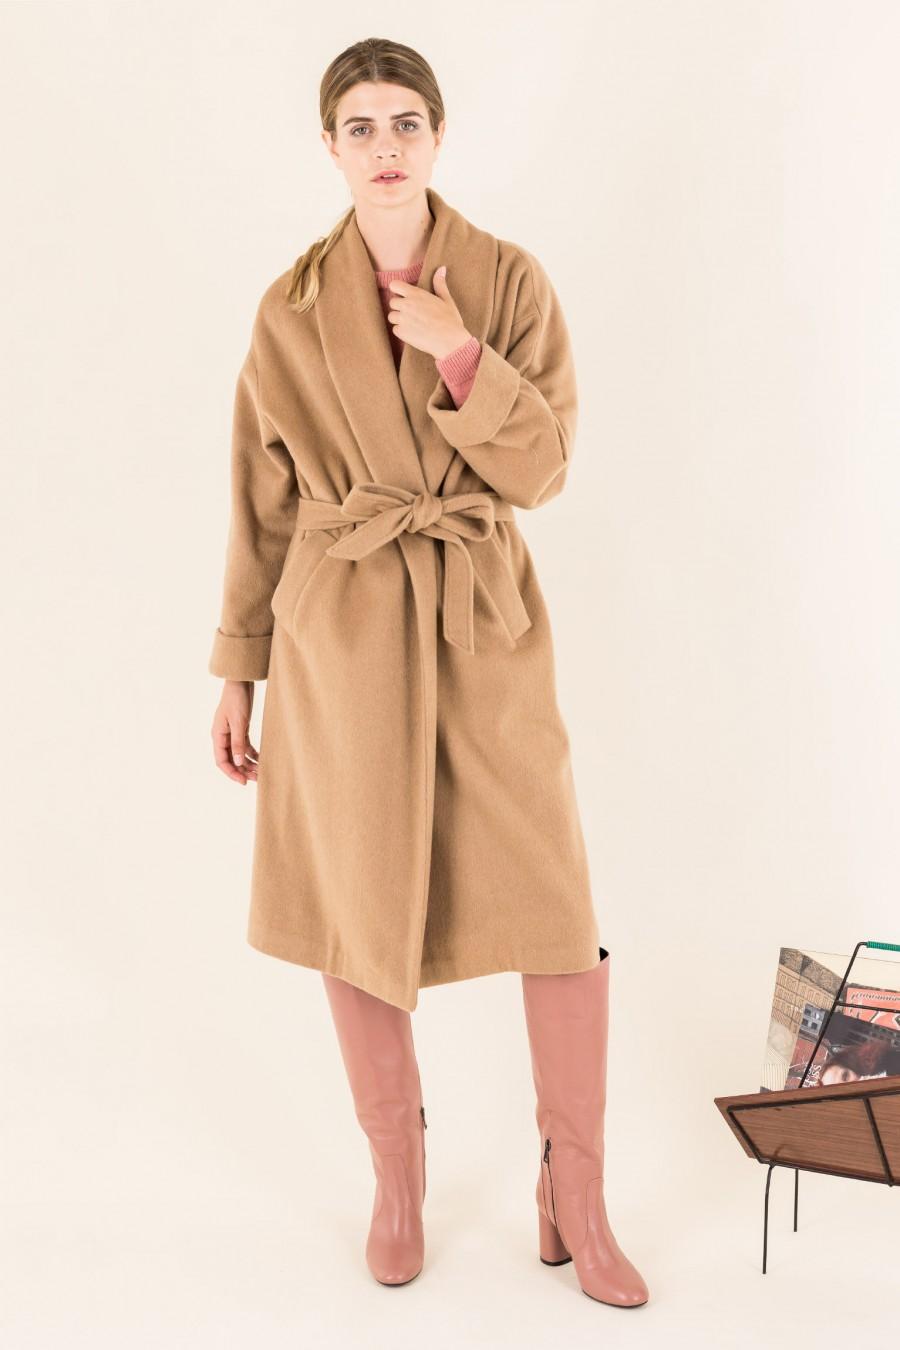 cappotti donna 2018 lazzari